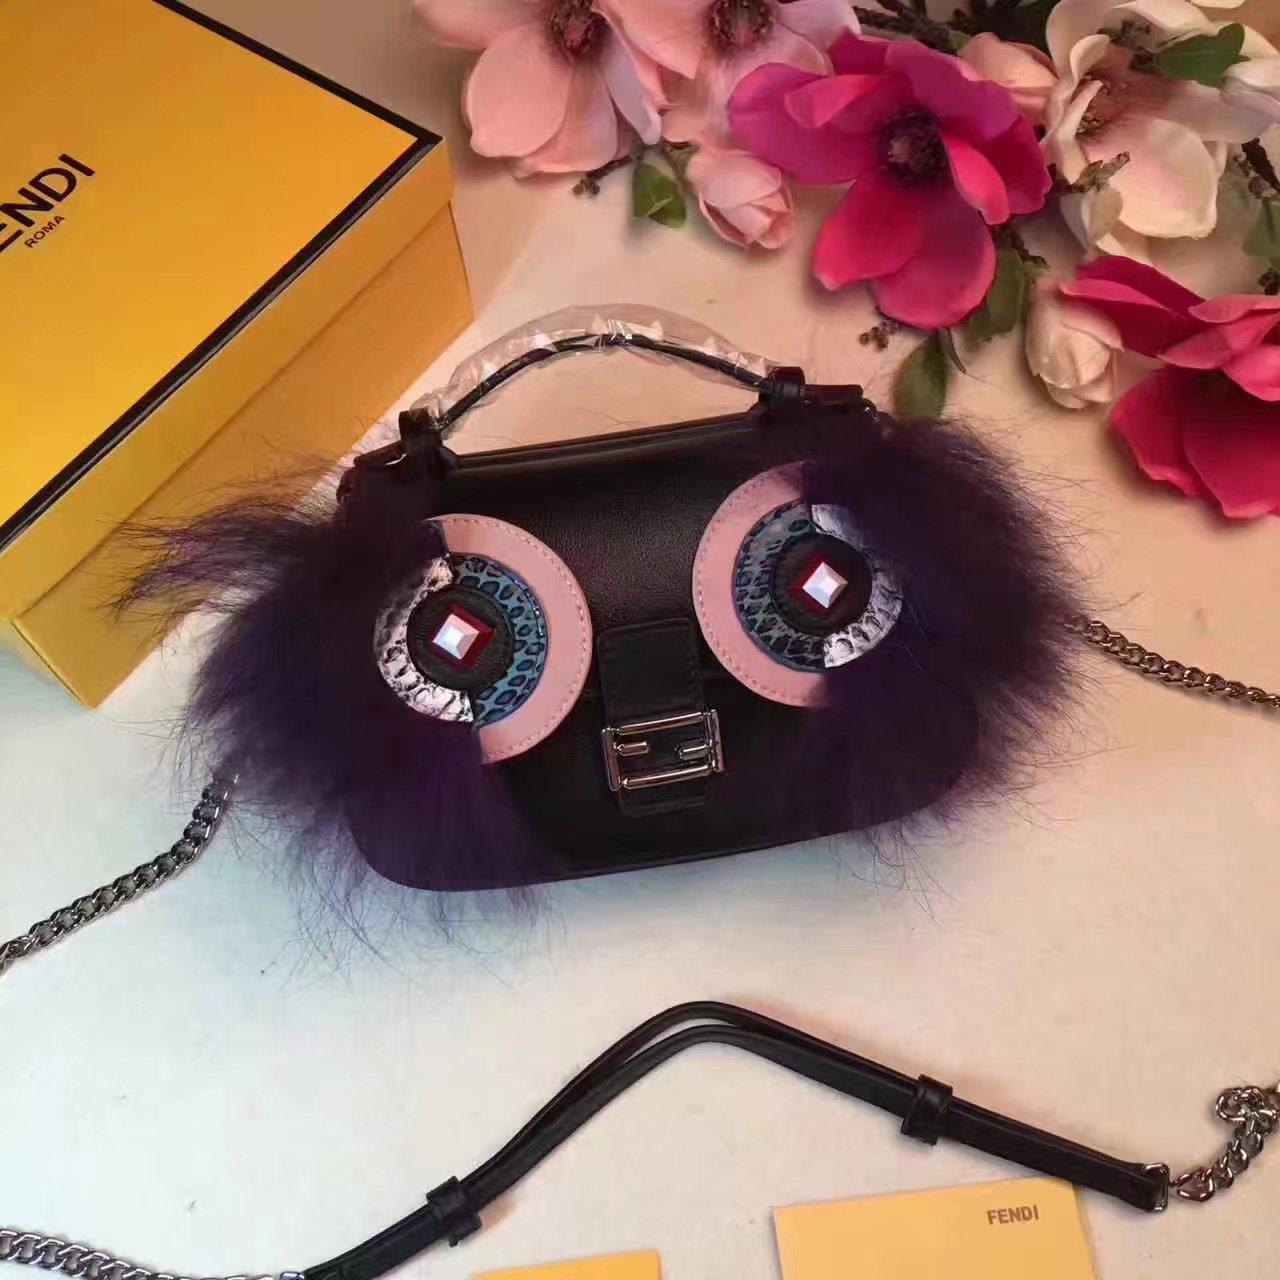 Fendi Baguette Micro Double-Sided Monster Crossbody Bag Black